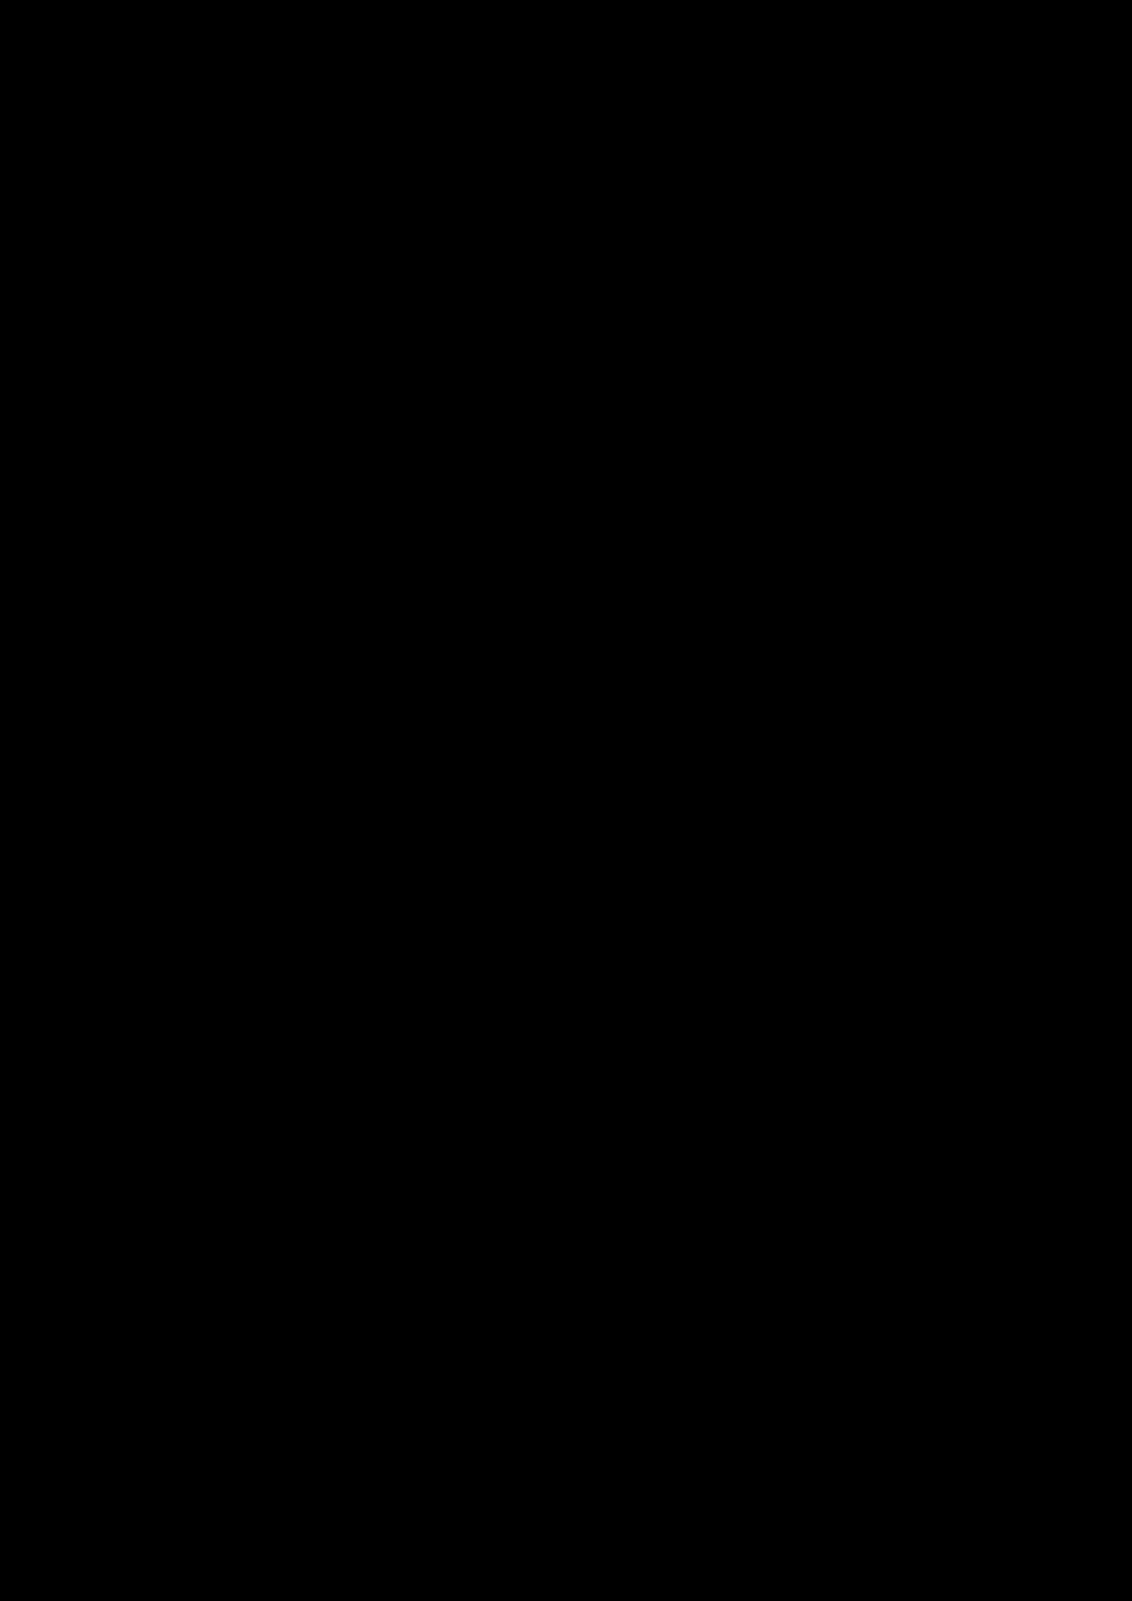 Proschanie s volshebnoy stranoy slide, Image 32